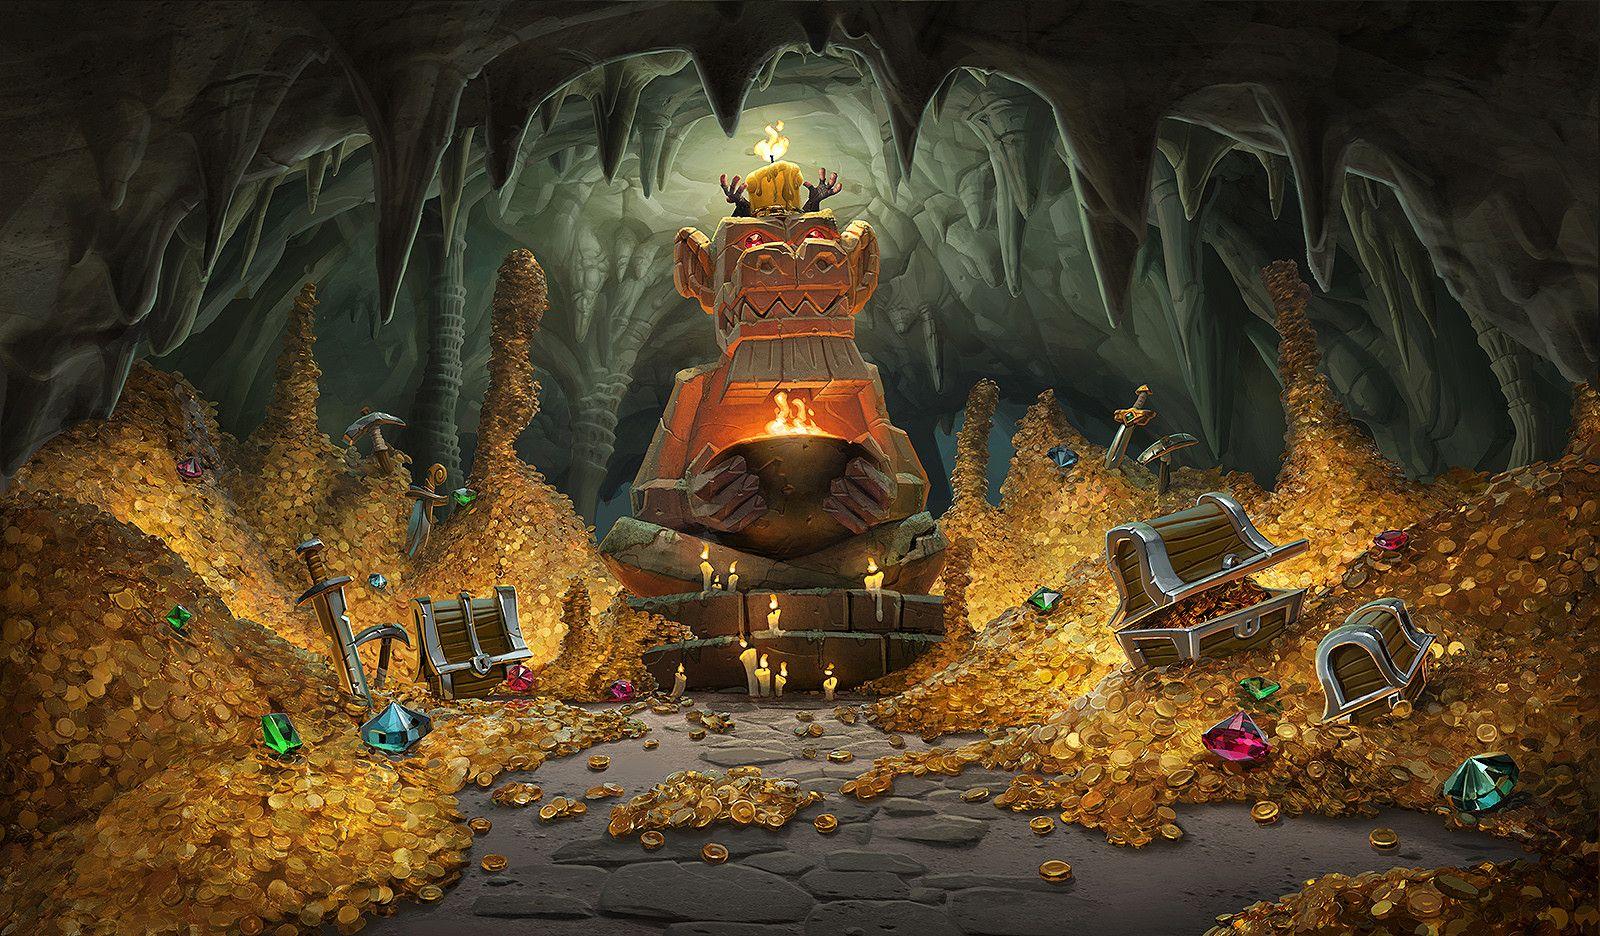 картинки пещеры с золотом драконе было